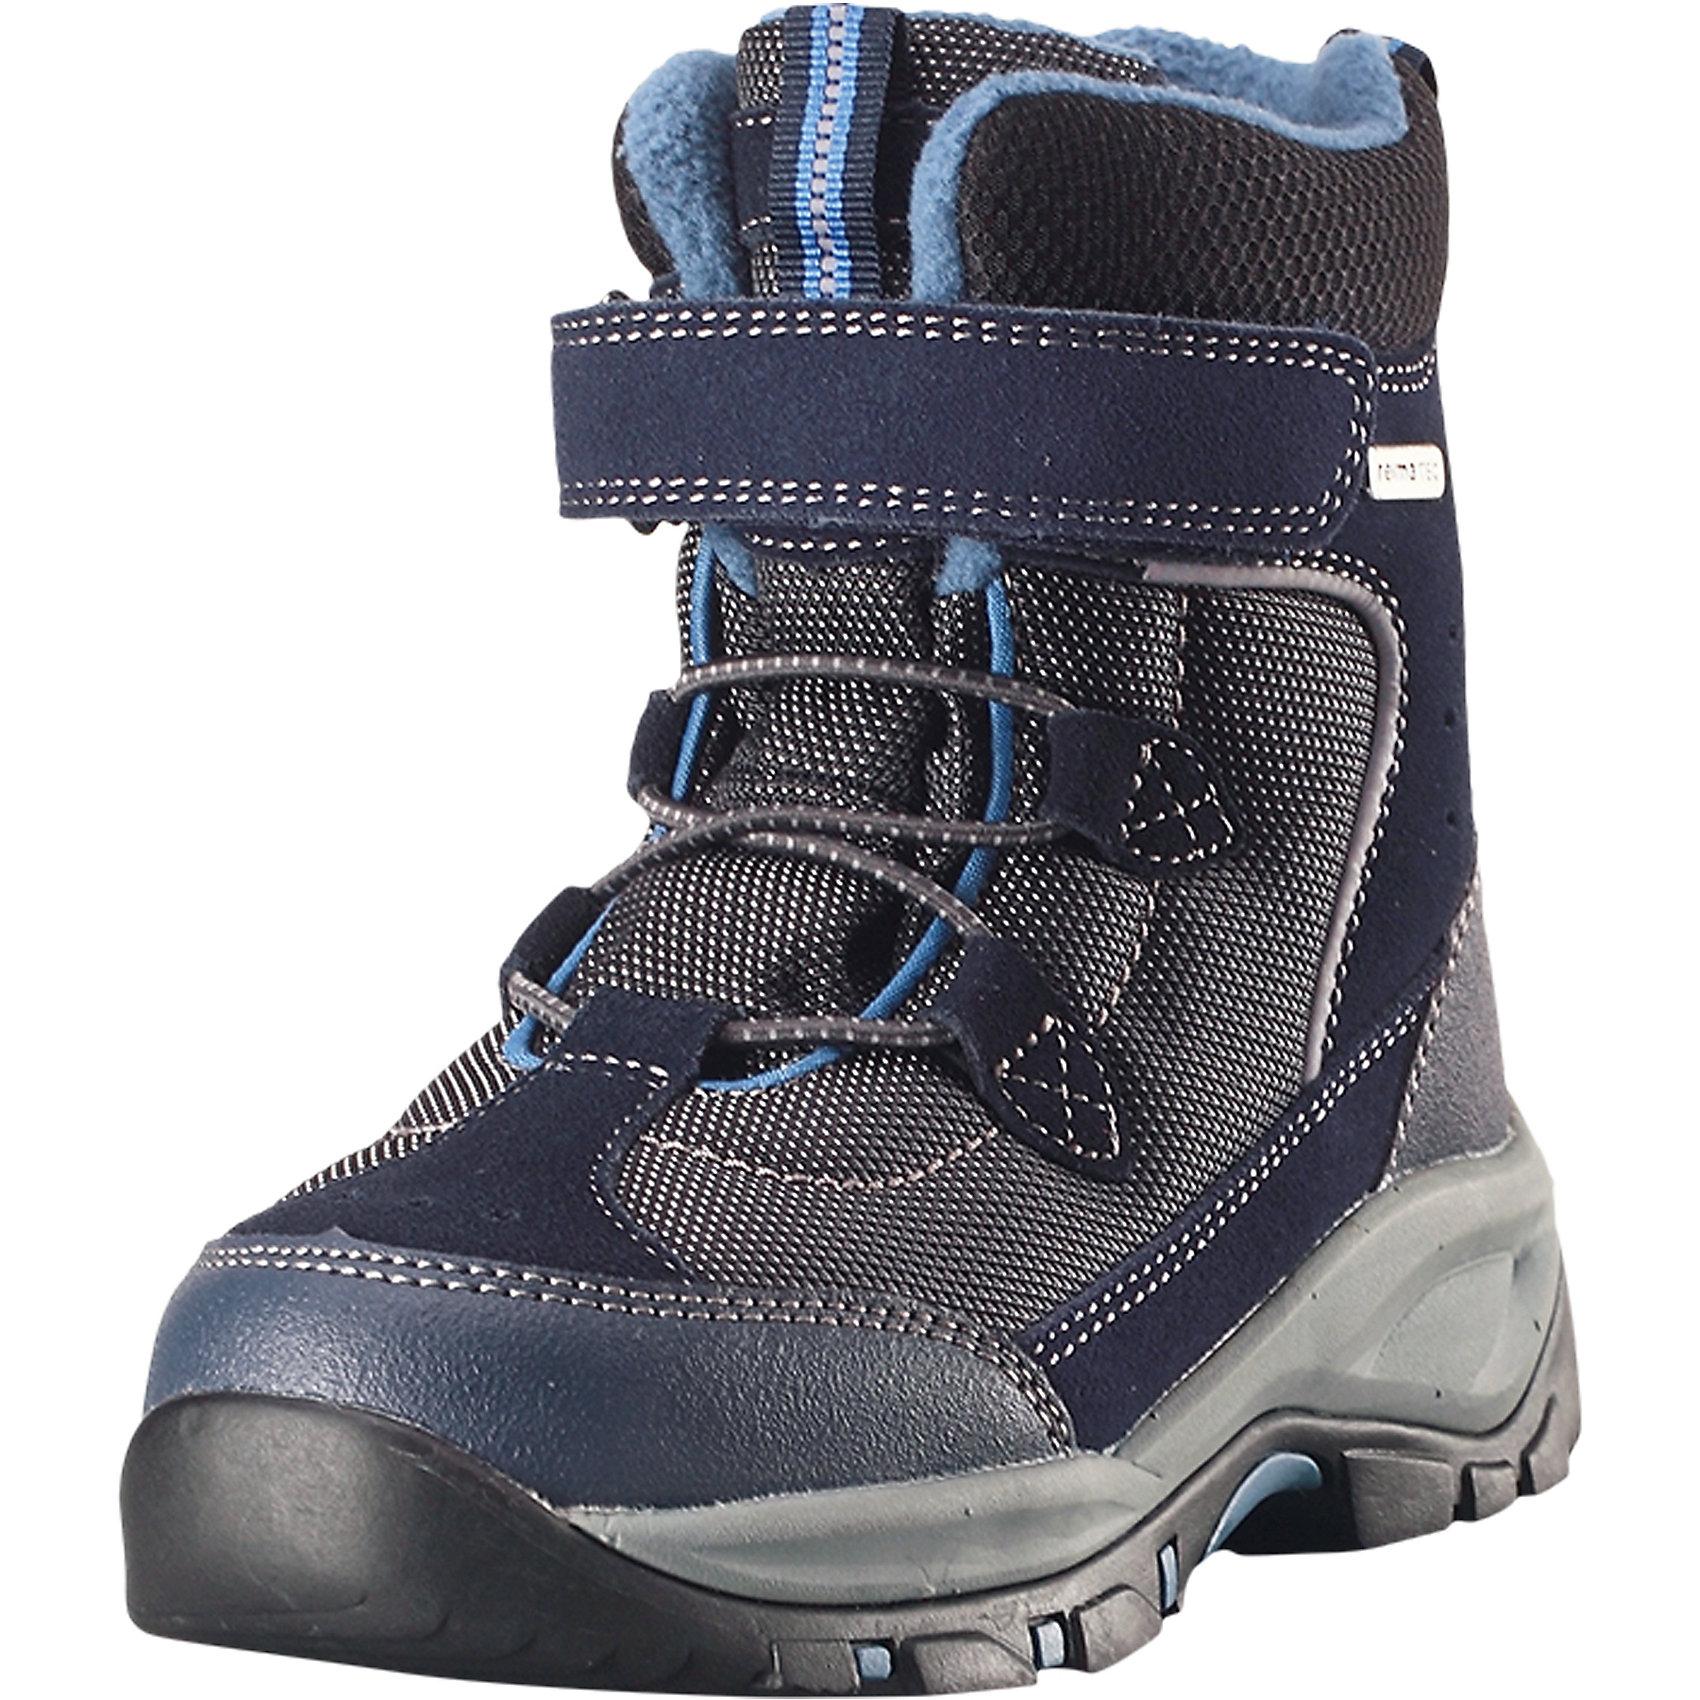 Ботинки Denny Reimatec® ReimaОбувь<br>Эти невероятно прочные ботинки Reimatec® очень легко надевать и регулировать благодаря эластичным шнуркам и застежке на липучке. Водонепроницаемая конструкция и подкладка с запаянными швами защищают ноги от холода и влаги. Верх этих суперботинок изготовлен из текстиля и телячьей замши. Ботинки подшиты подкладкой из теплого и мягкого искусственного меха, который надежно защищает от холода. Гибкая и легкая подошва Reima® из ЭВА/резины обеспечивает прочное сцепление с различными поверхностями, а благодаря теплым съемным войлочным стелькам с рисунком Happy Fit легко подобрать правильный размер или измерить растущую ножку ребенка. <br>Состав:<br>Подошва: Резина Верх: Полиэстер/Кожа/Полиуретан<br><br>Ширина мм: 262<br>Глубина мм: 176<br>Высота мм: 97<br>Вес г: 427<br>Цвет: синий<br>Возраст от месяцев: 132<br>Возраст до месяцев: 144<br>Пол: Унисекс<br>Возраст: Детский<br>Размер: 38,28,29,30,31,32,33,34,35,36,37<br>SKU: 6904856